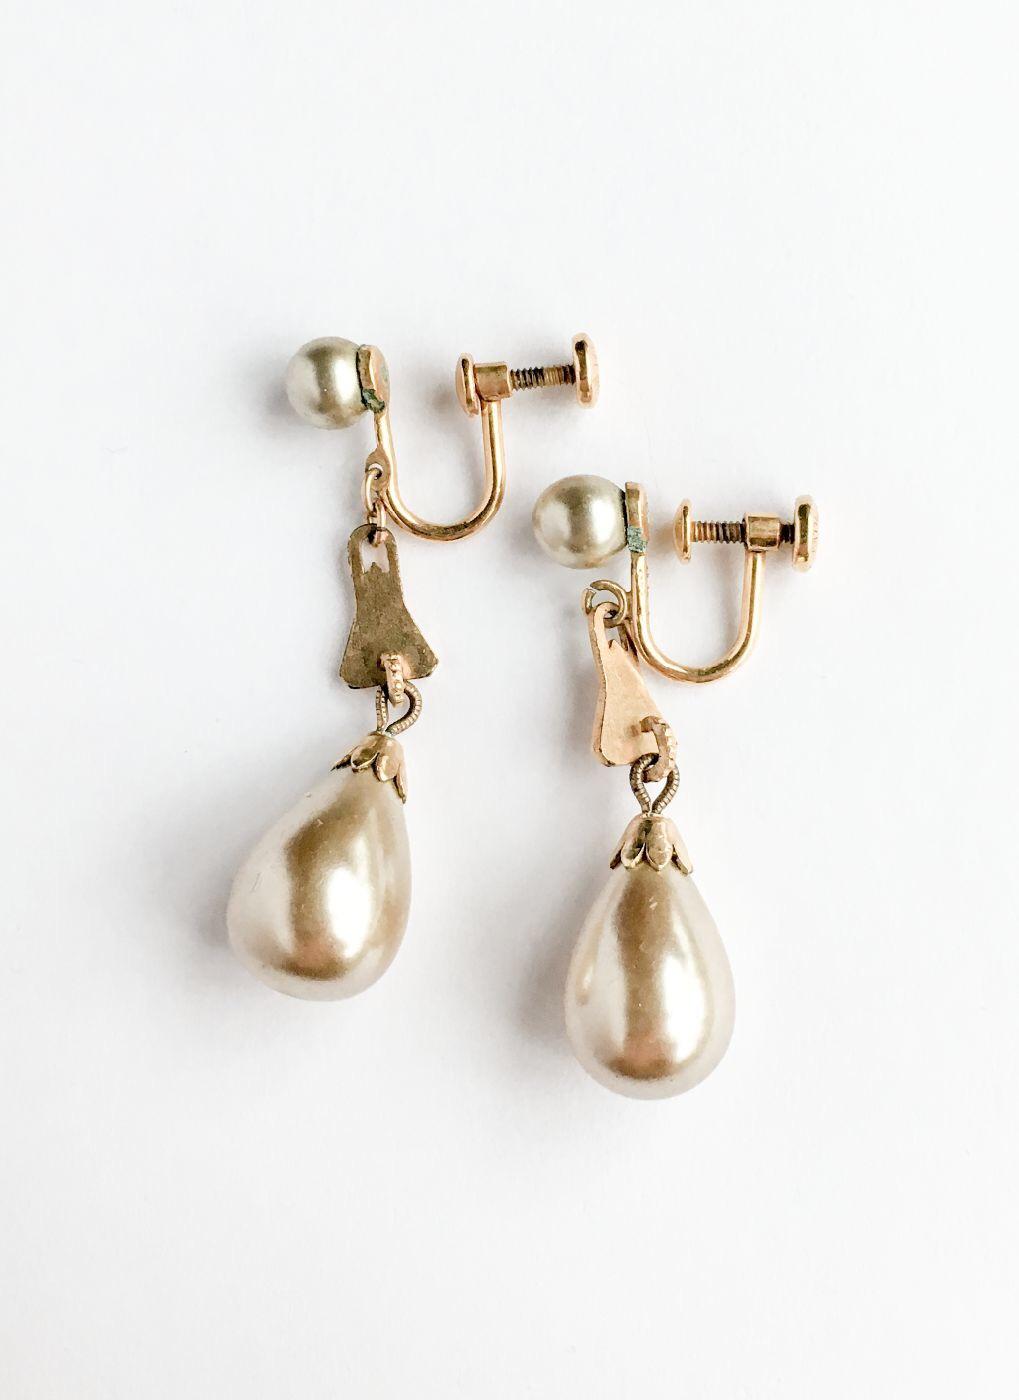 COMING SOON! 1930s 40s Heisey pearl drop earrings